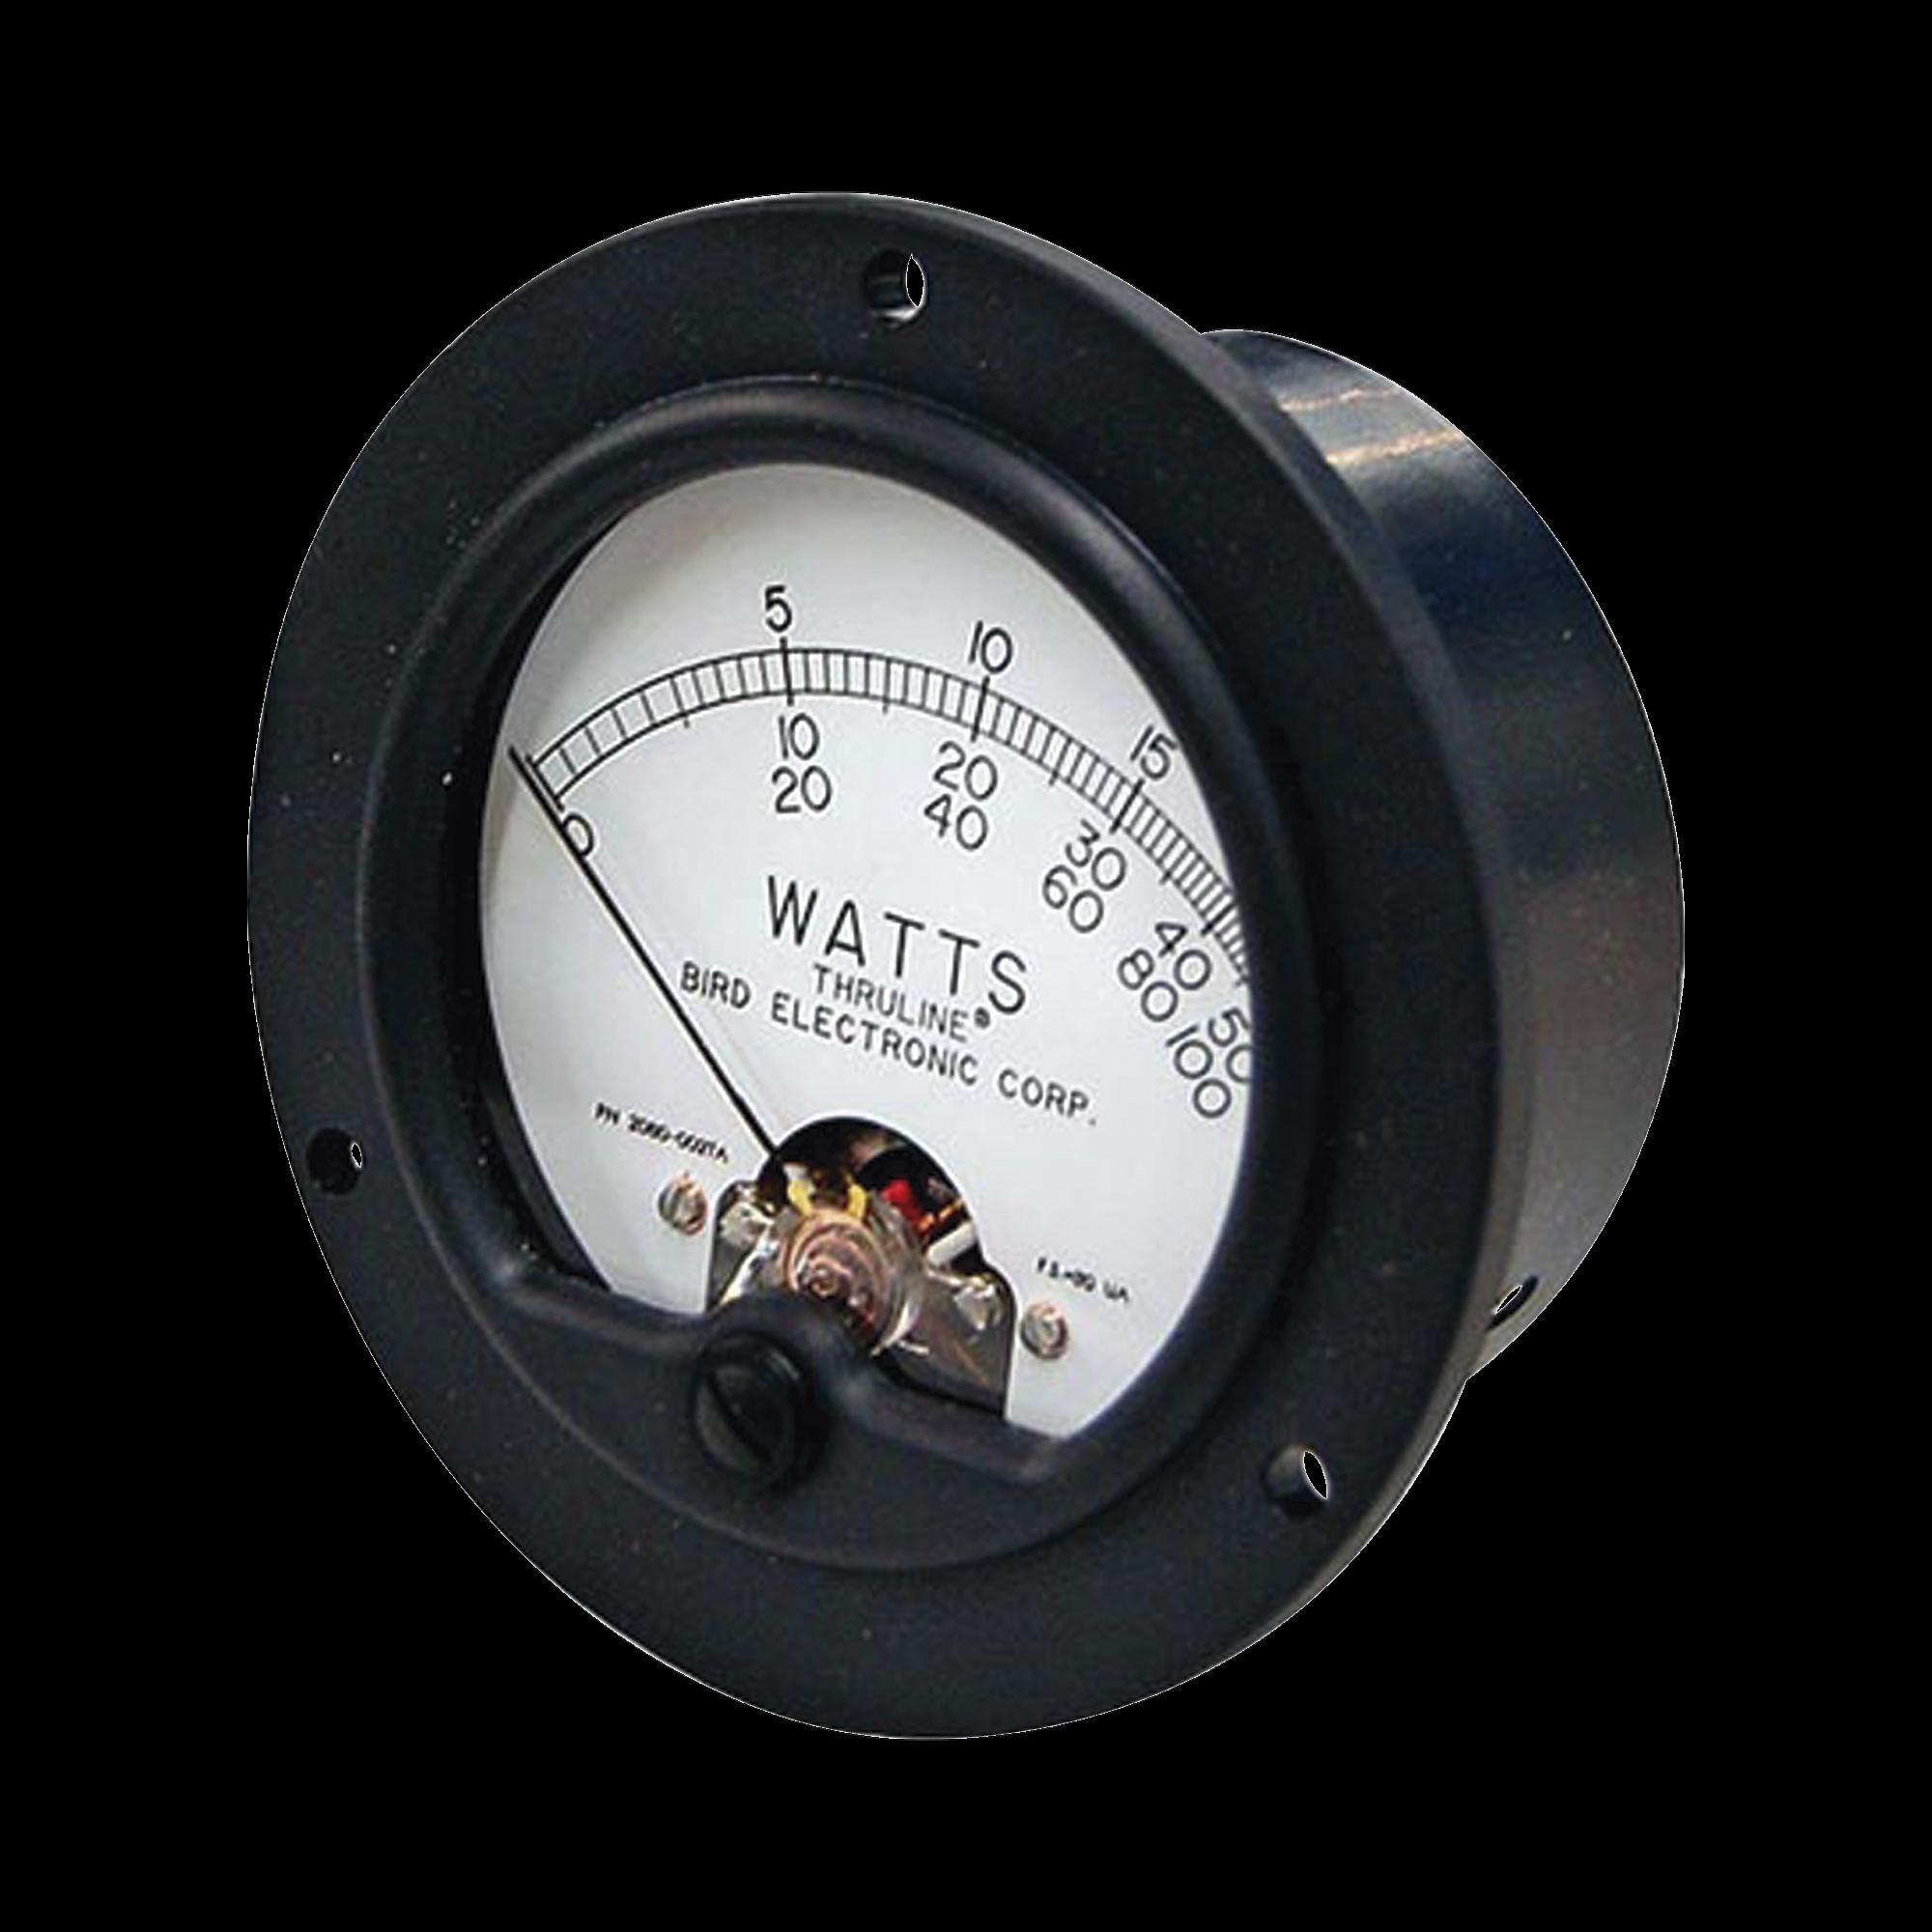 Carátula-Medidor de Reemplazo para Wattmetro BIRD 43.